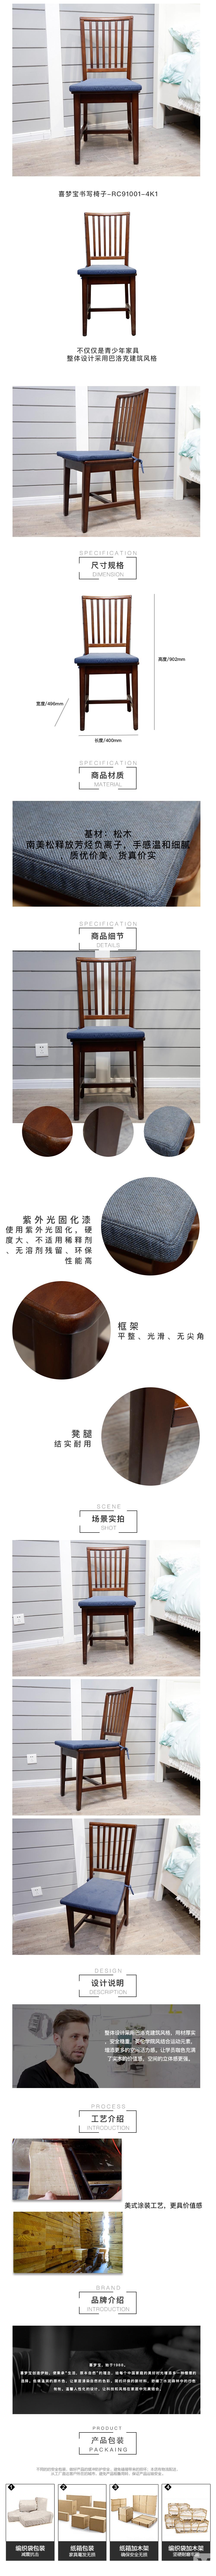 红桥-F3-喜梦宝-C8078-喜梦宝书椅-RC91001-4K1详情图